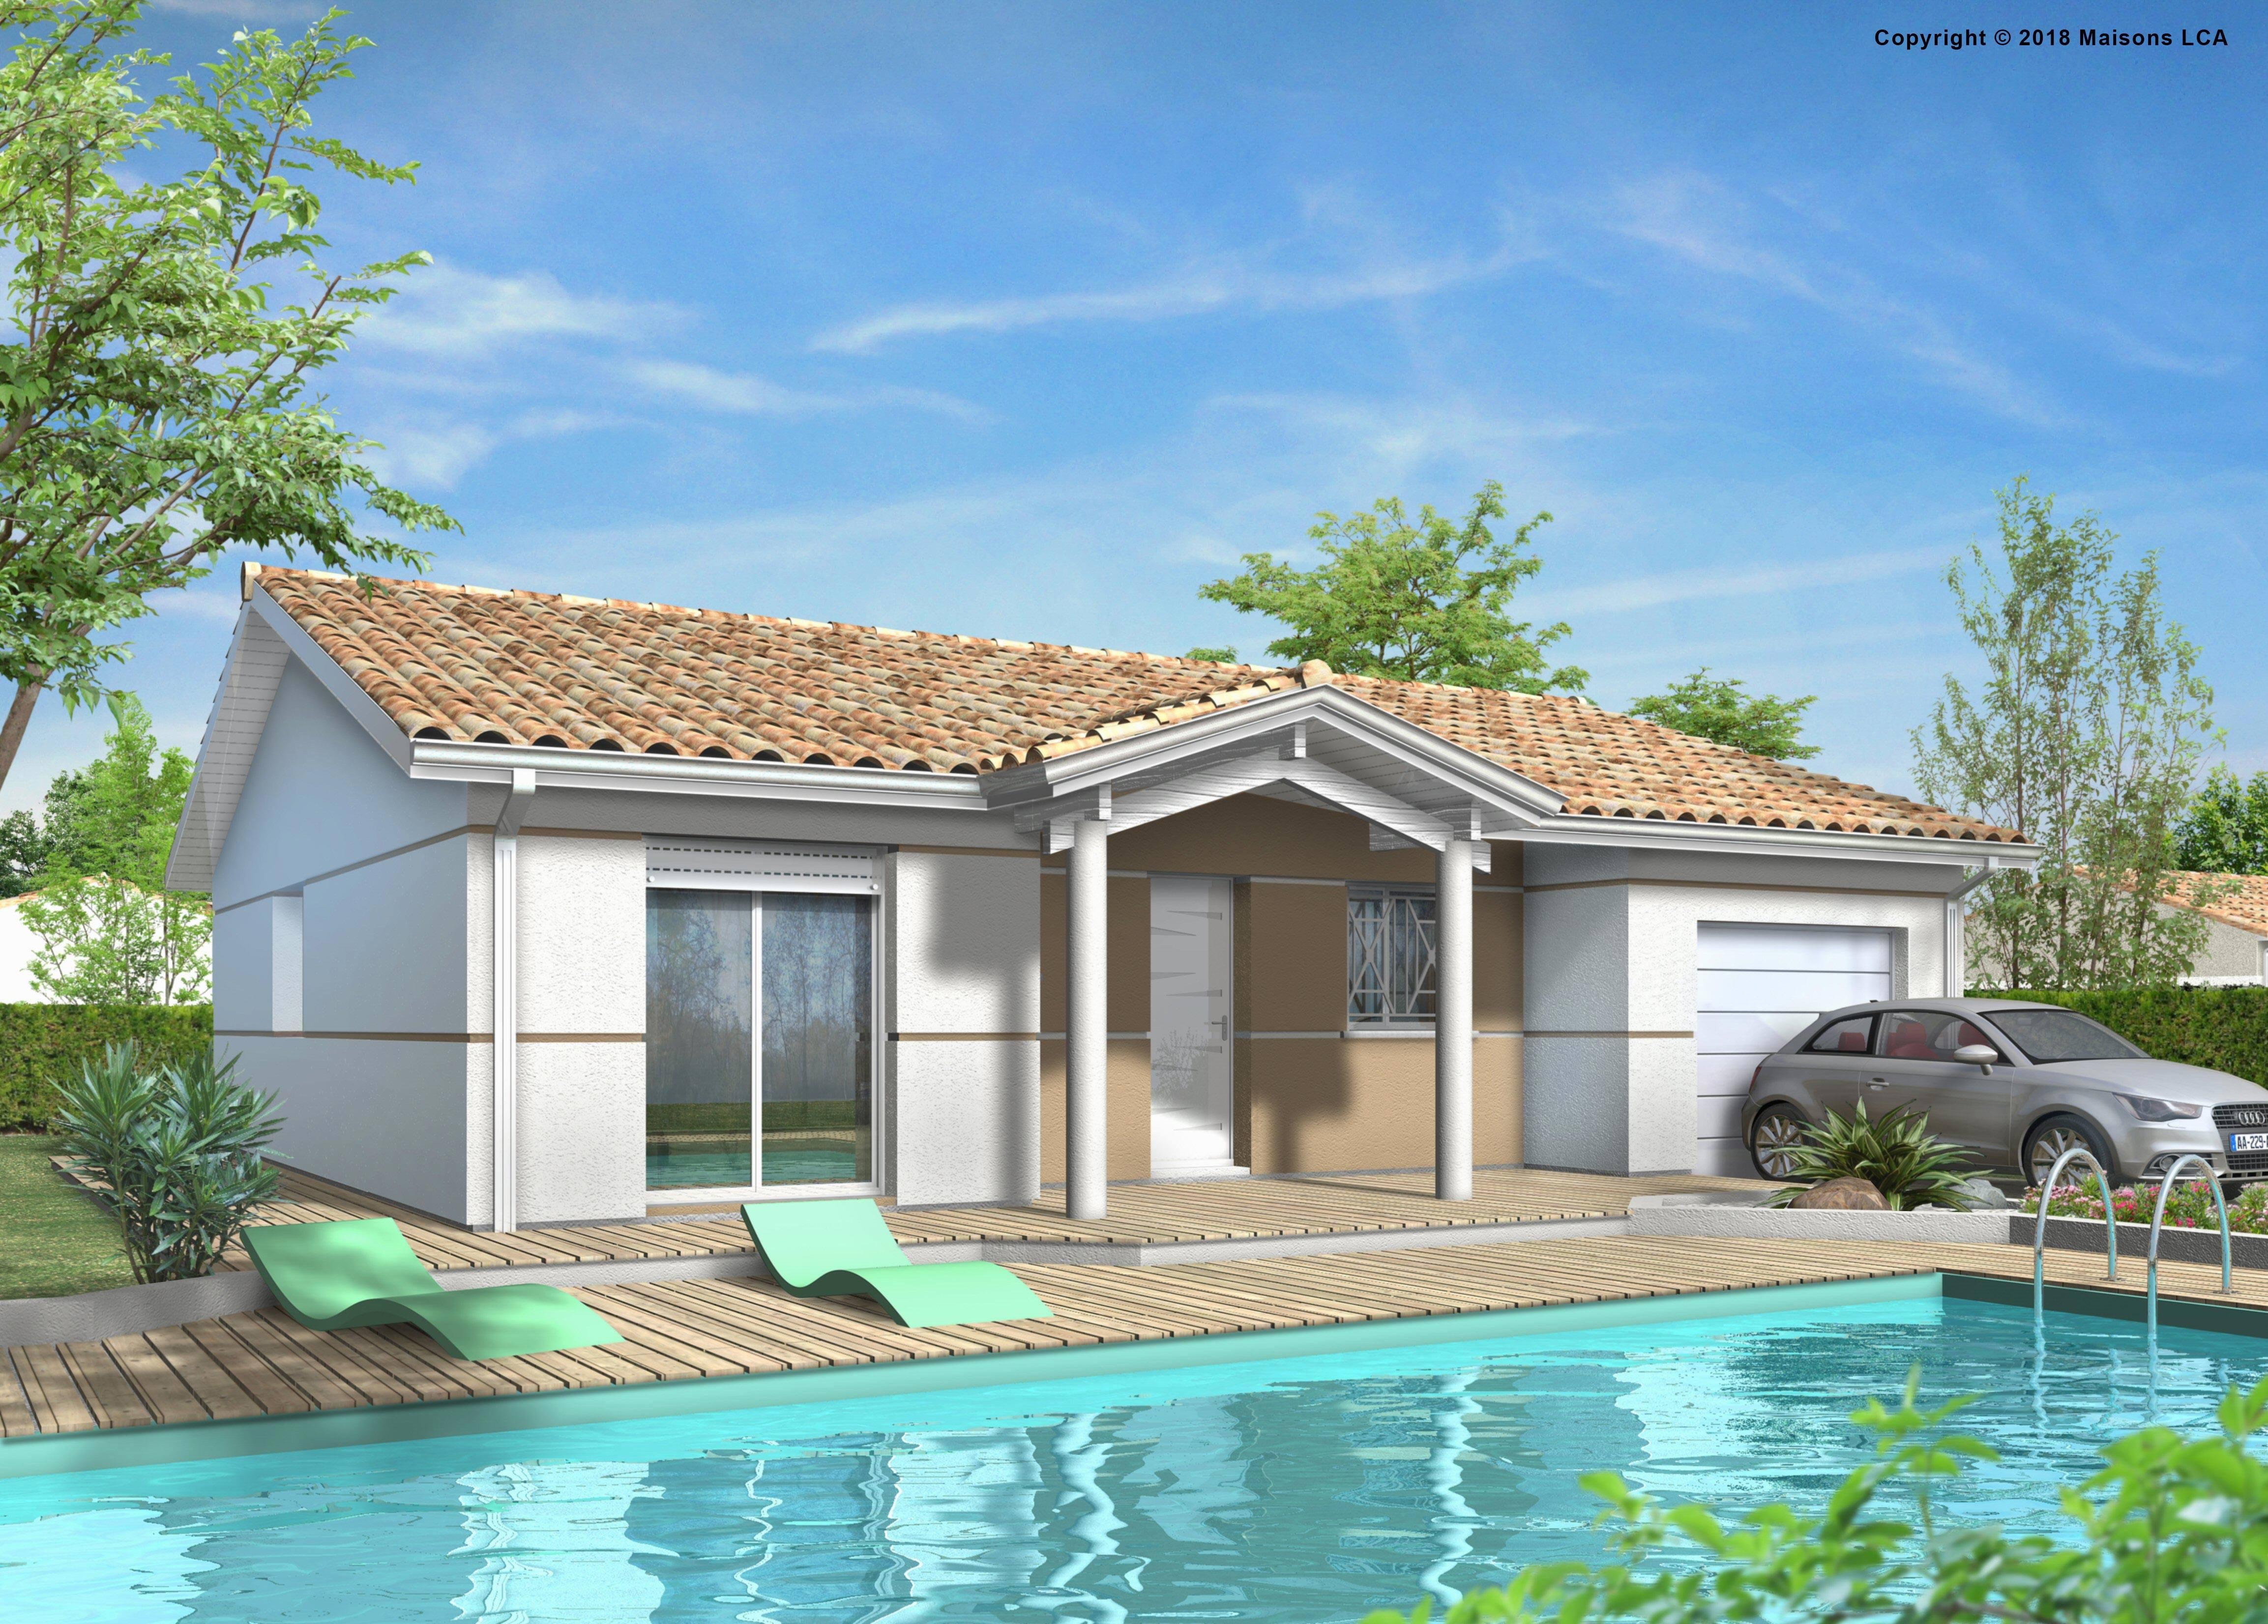 Maisons + Terrains du constructeur LCA MONT DE MARSAN • 87 m² • SAINT SEVER